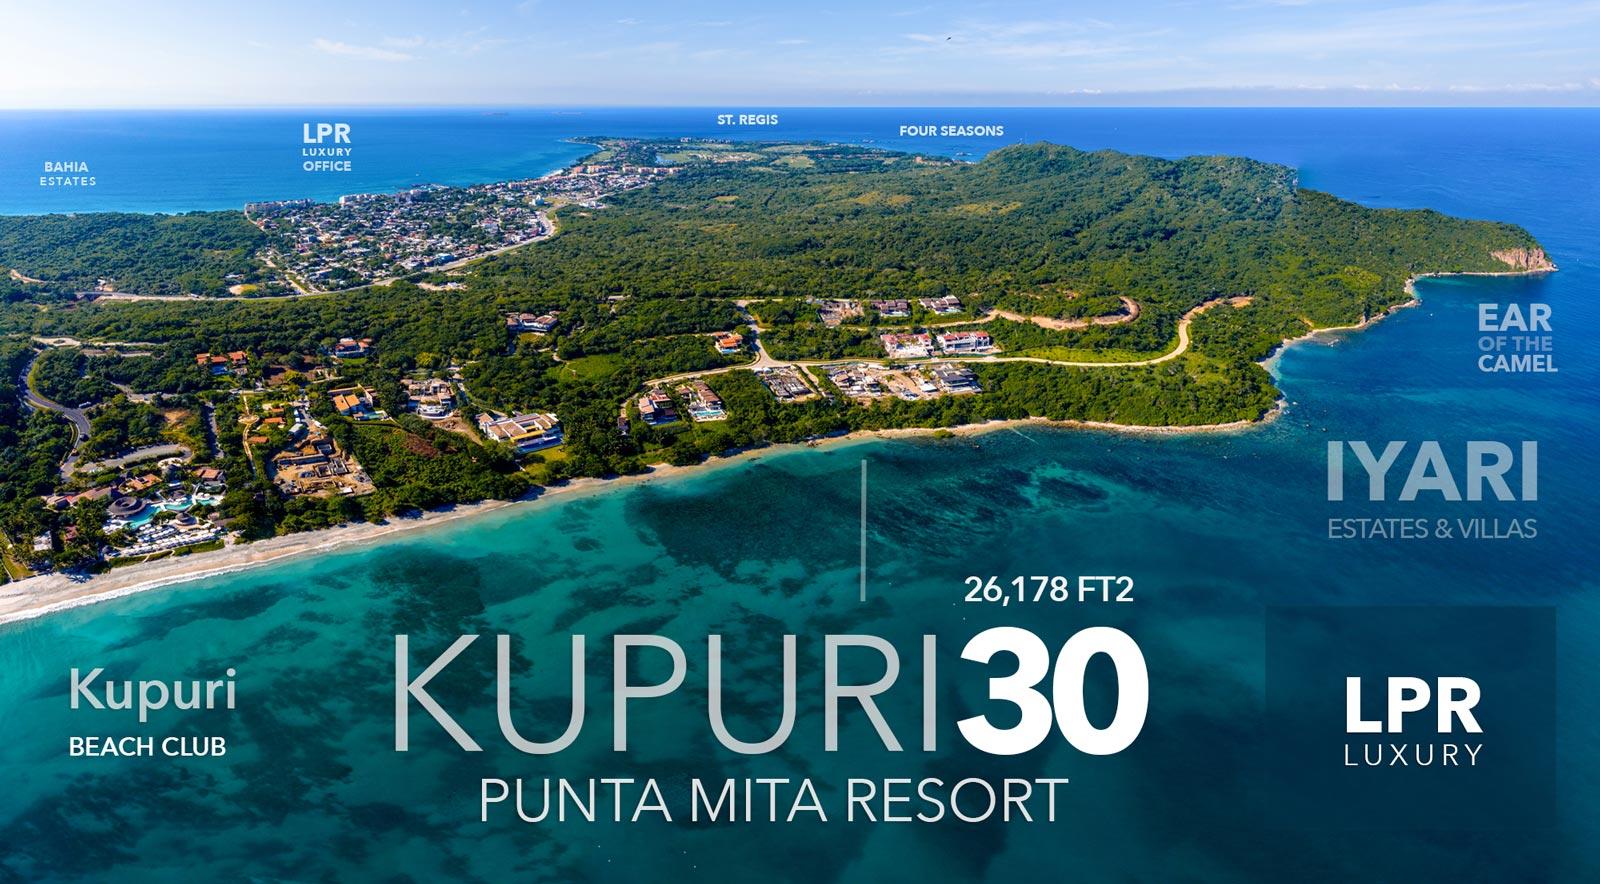 Kupuri Estates - Lot 30 - Punta Mita Resort - Riviera Nayarit, Mexico